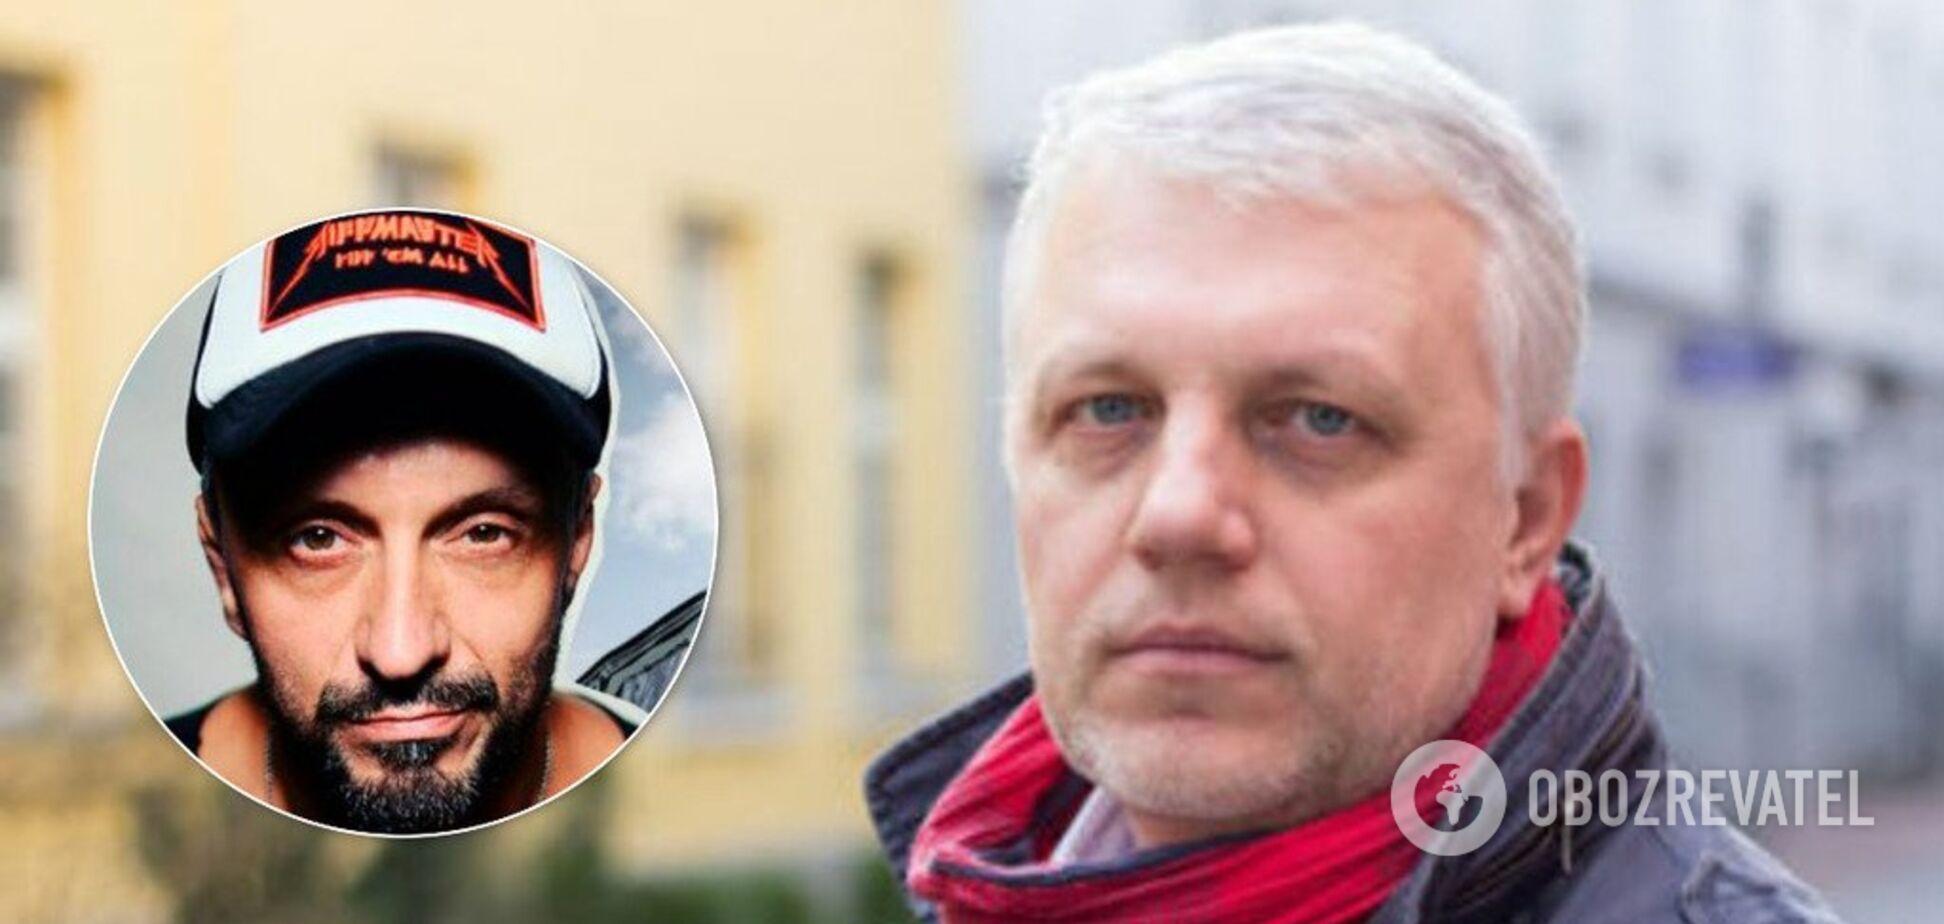 Обыск по делу Шеремета: полиция пришла к известному музыканту